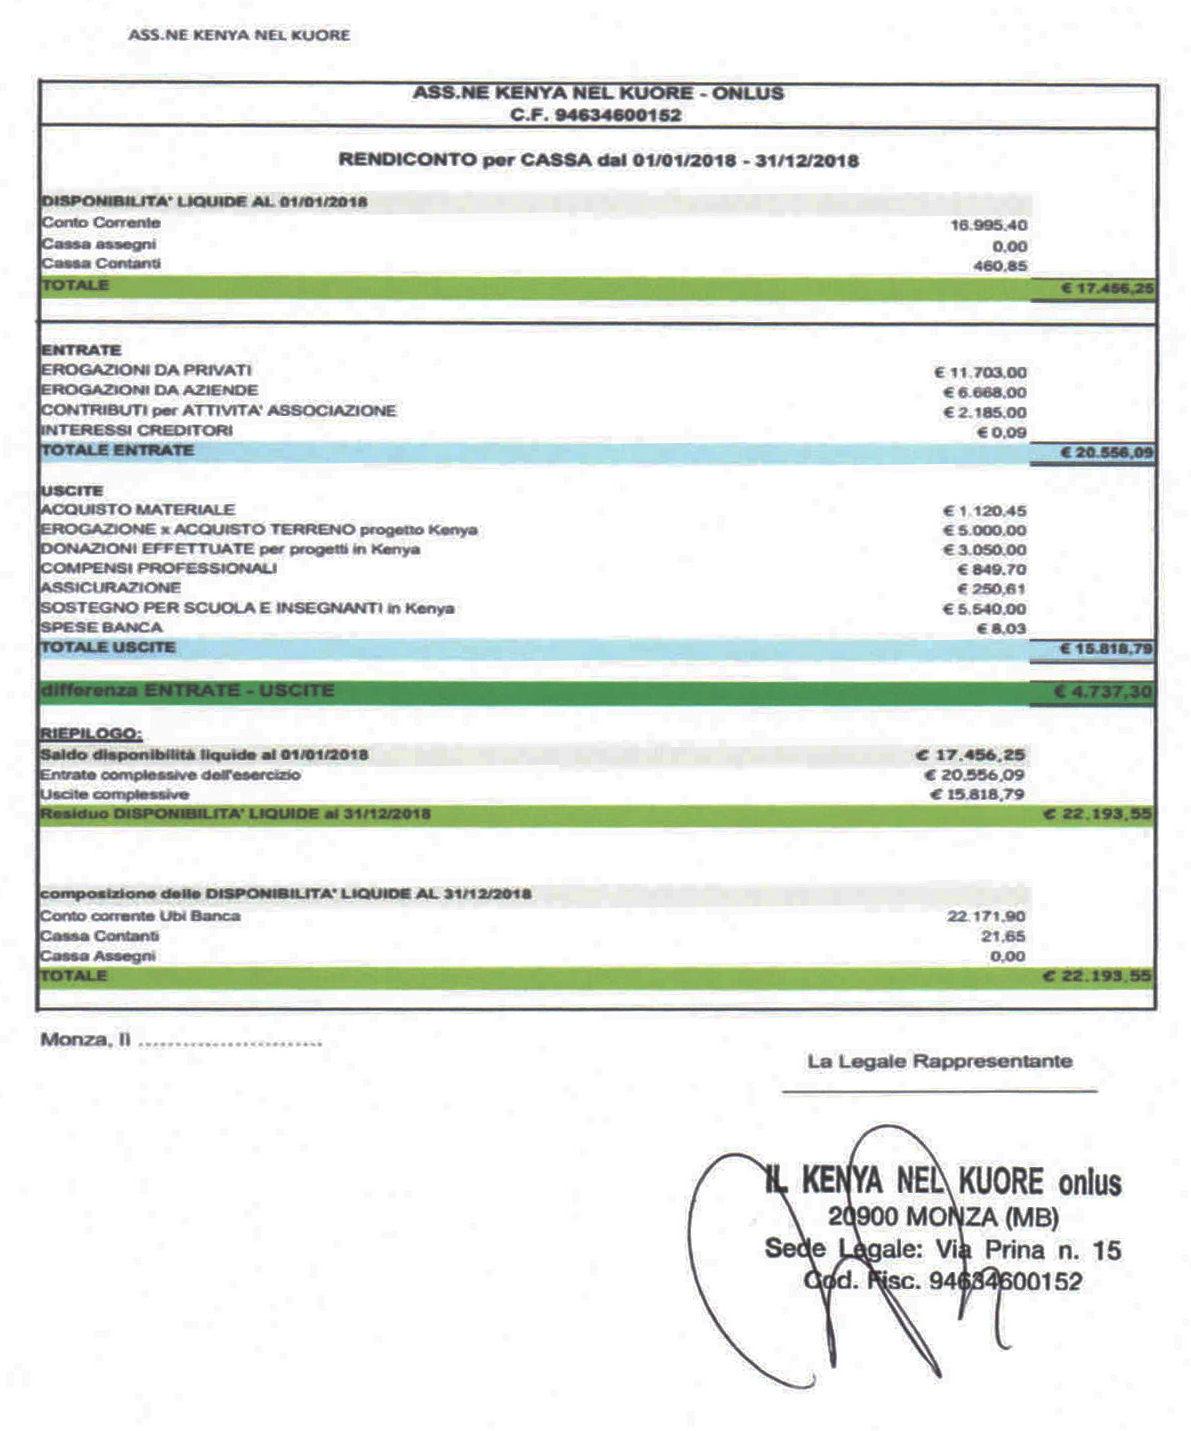 bilancio onlus 2018